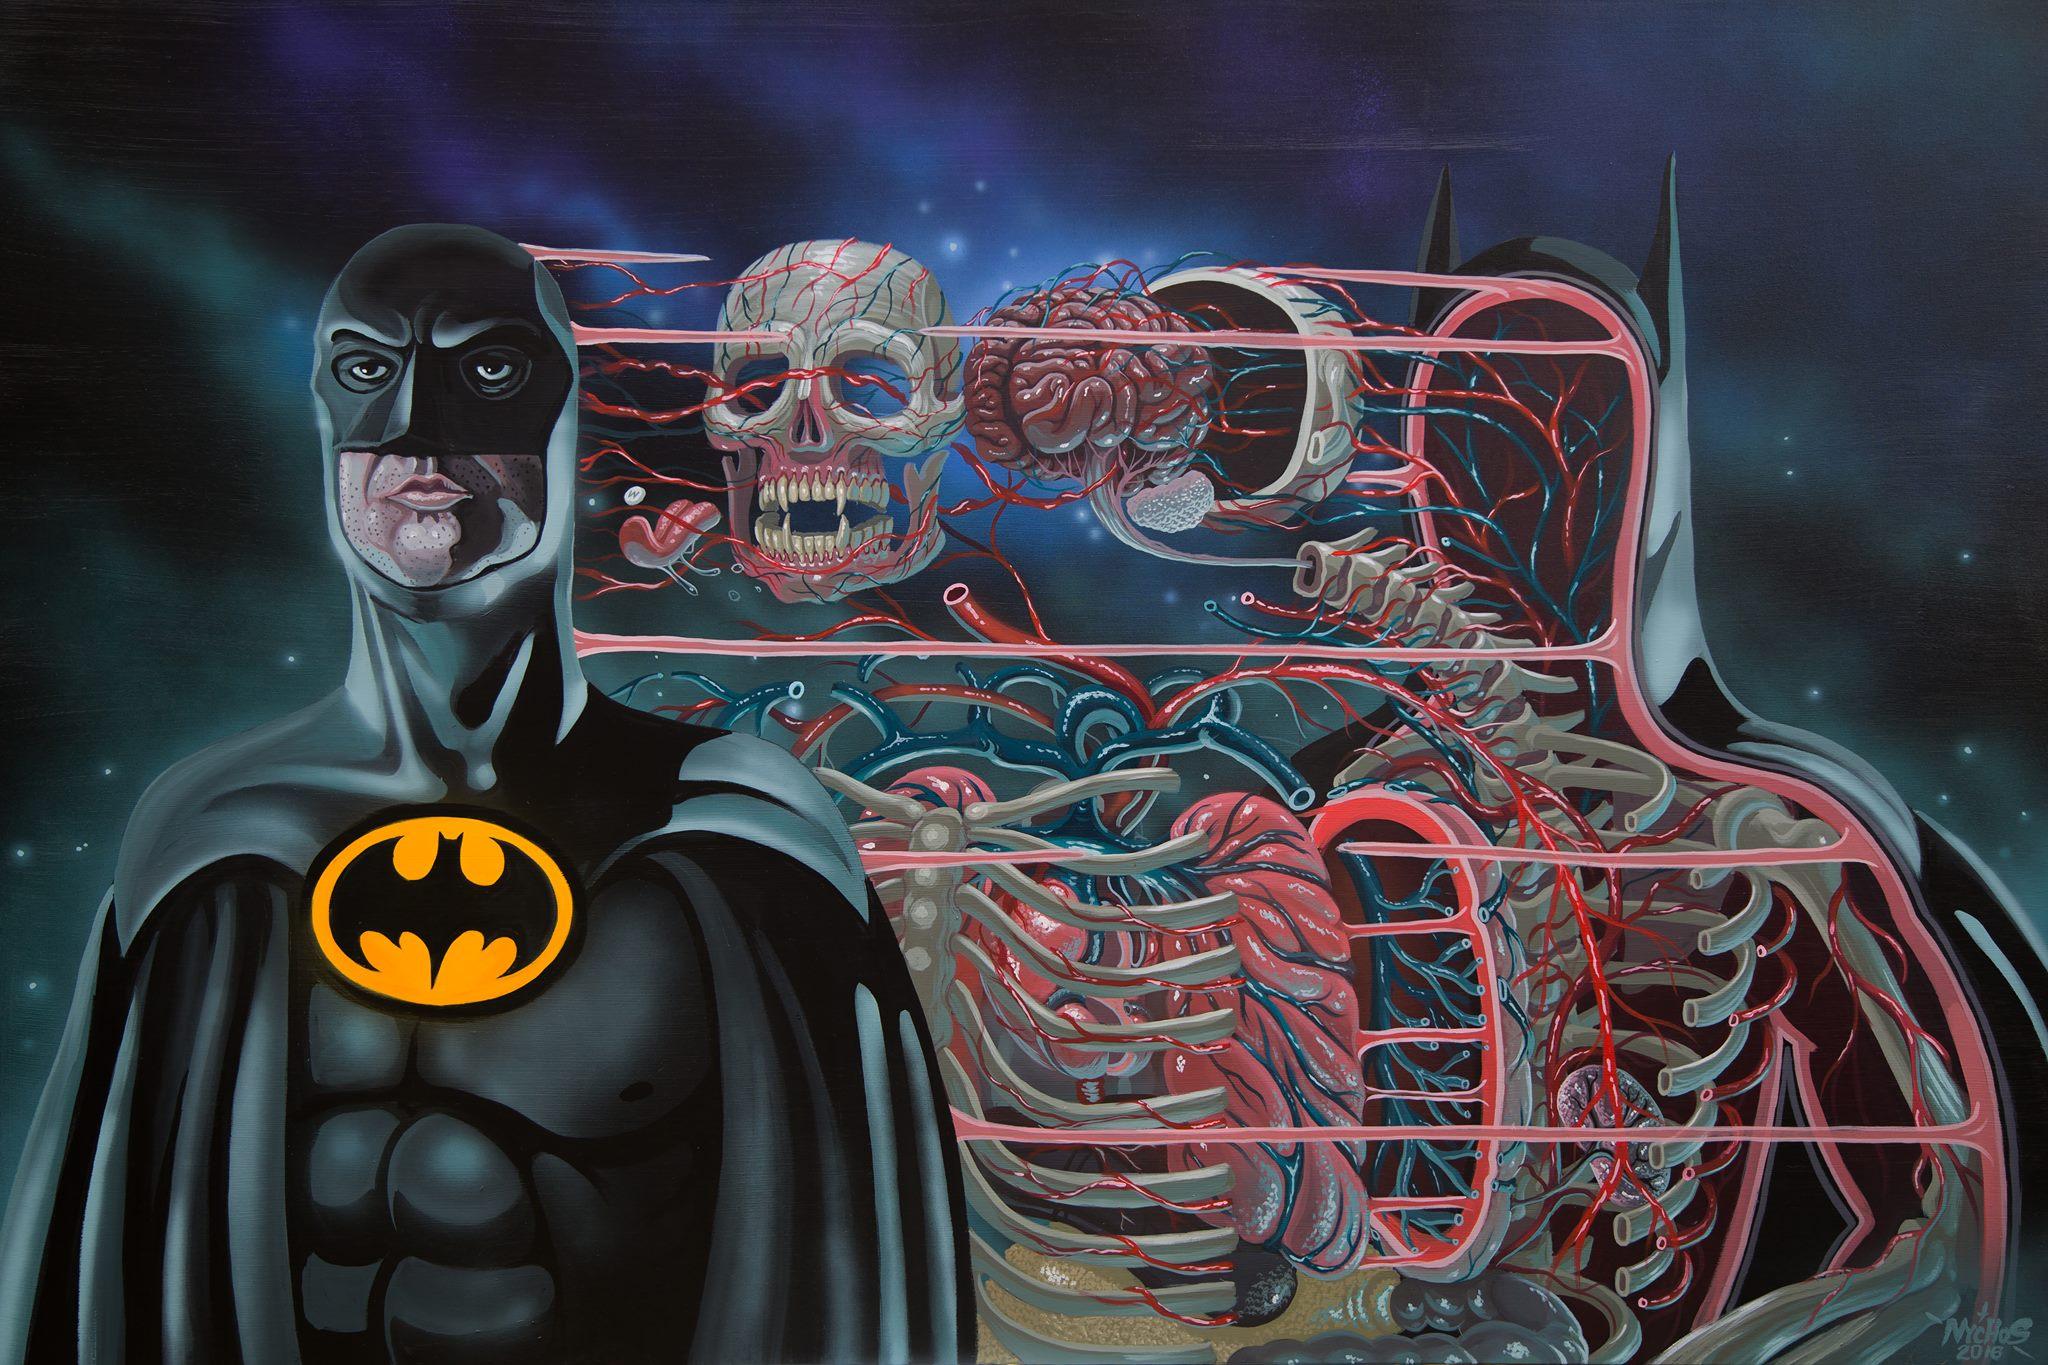 Passionné d'anatomie, le street artiste Nychos dissèque littéralement tous ses dessins